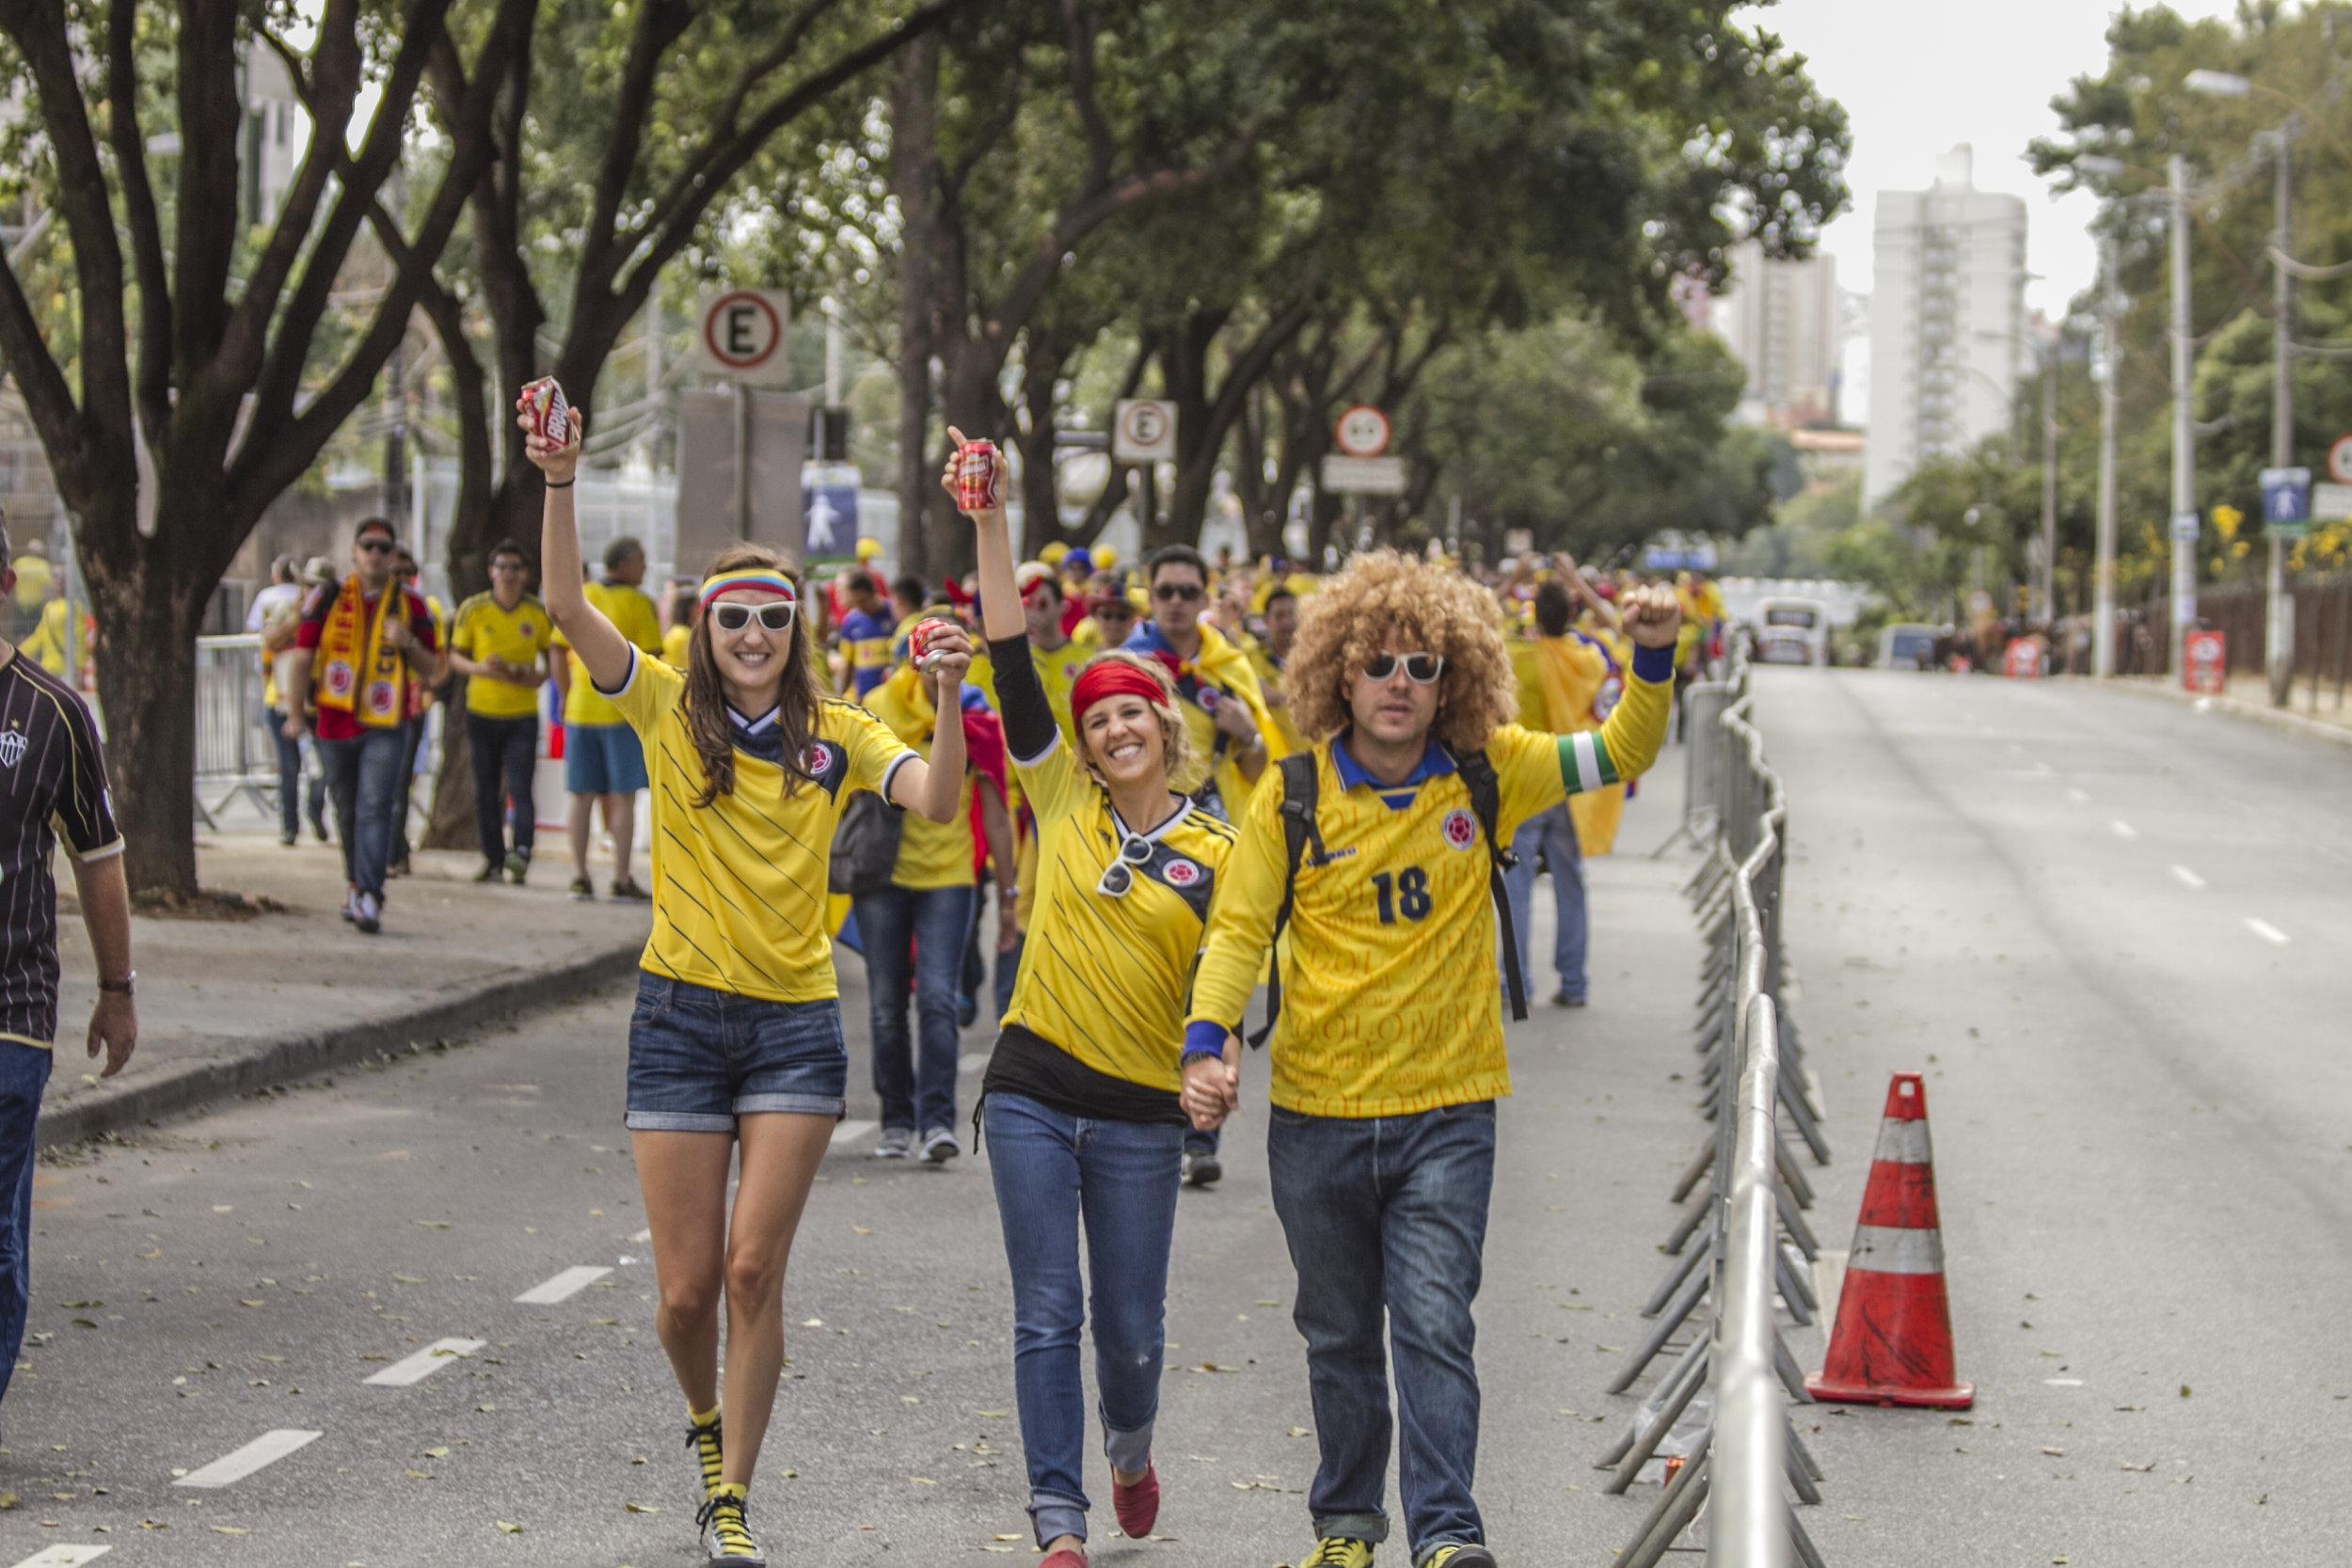 Llegando al estadio Mineirao, gran ambiente por las calles de Belo Horizonte.